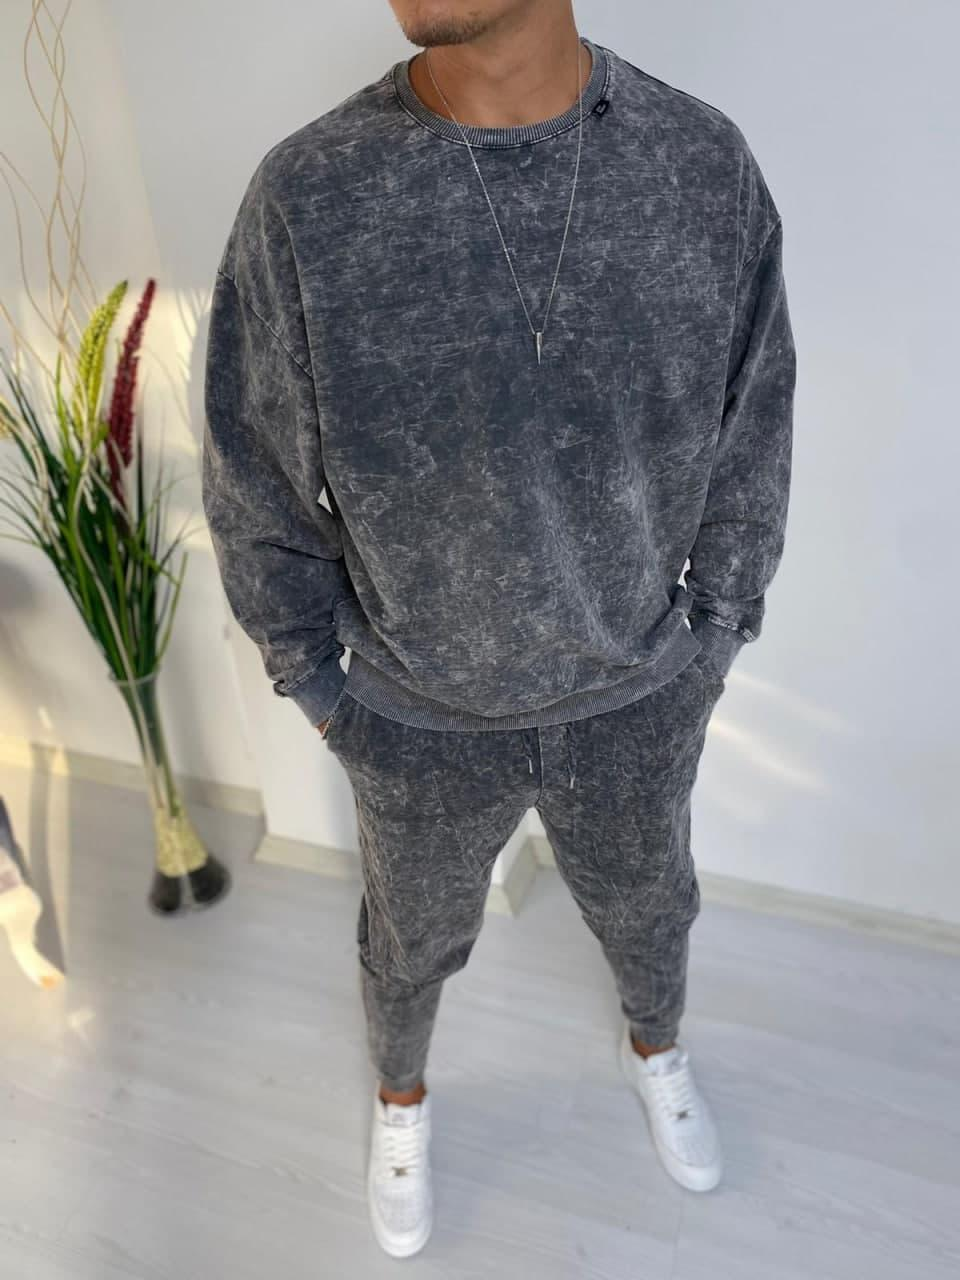 Чоловічий спортивний костюм oversize сірий модний оверсайз вільний весна осінь